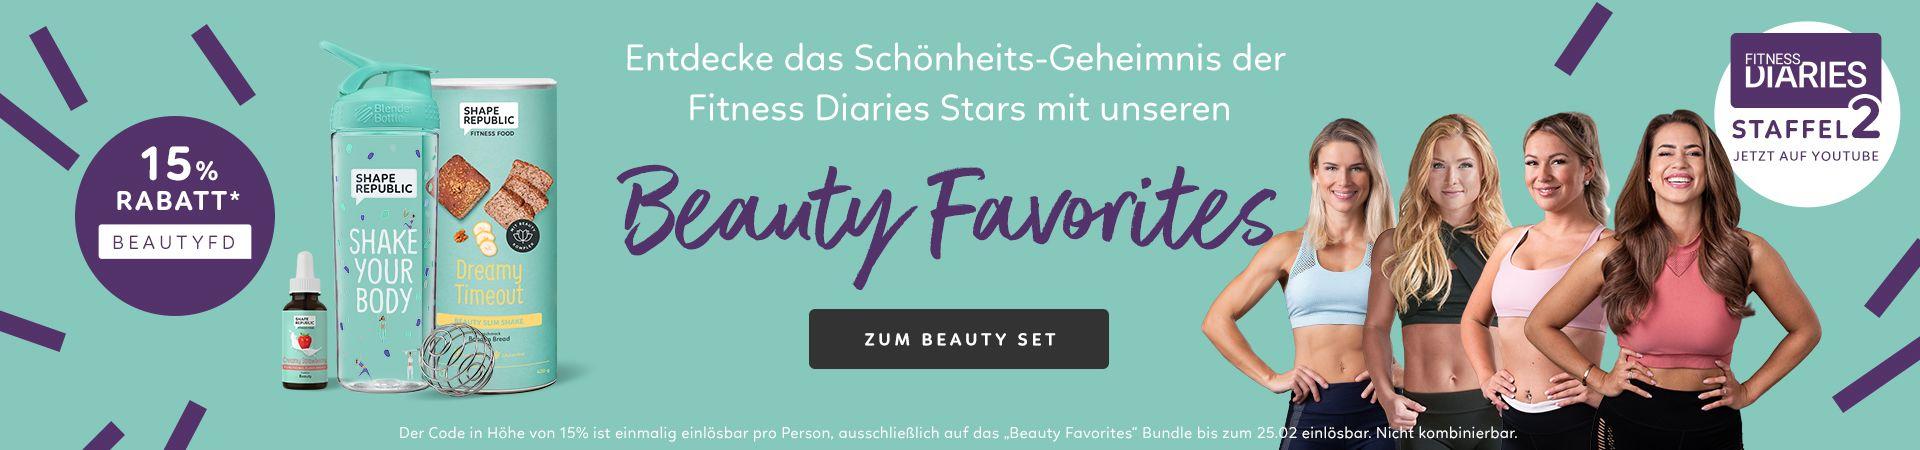 Entdecke das Schönheits-Geheimnis der Fitness Diaries Stars mit unseren Beauty Favorites! Für das Beauty Favorites Set erhältst du bis zum 25.02. 15% Rabatt mit dem Gutscheincode BEAUTYFD.